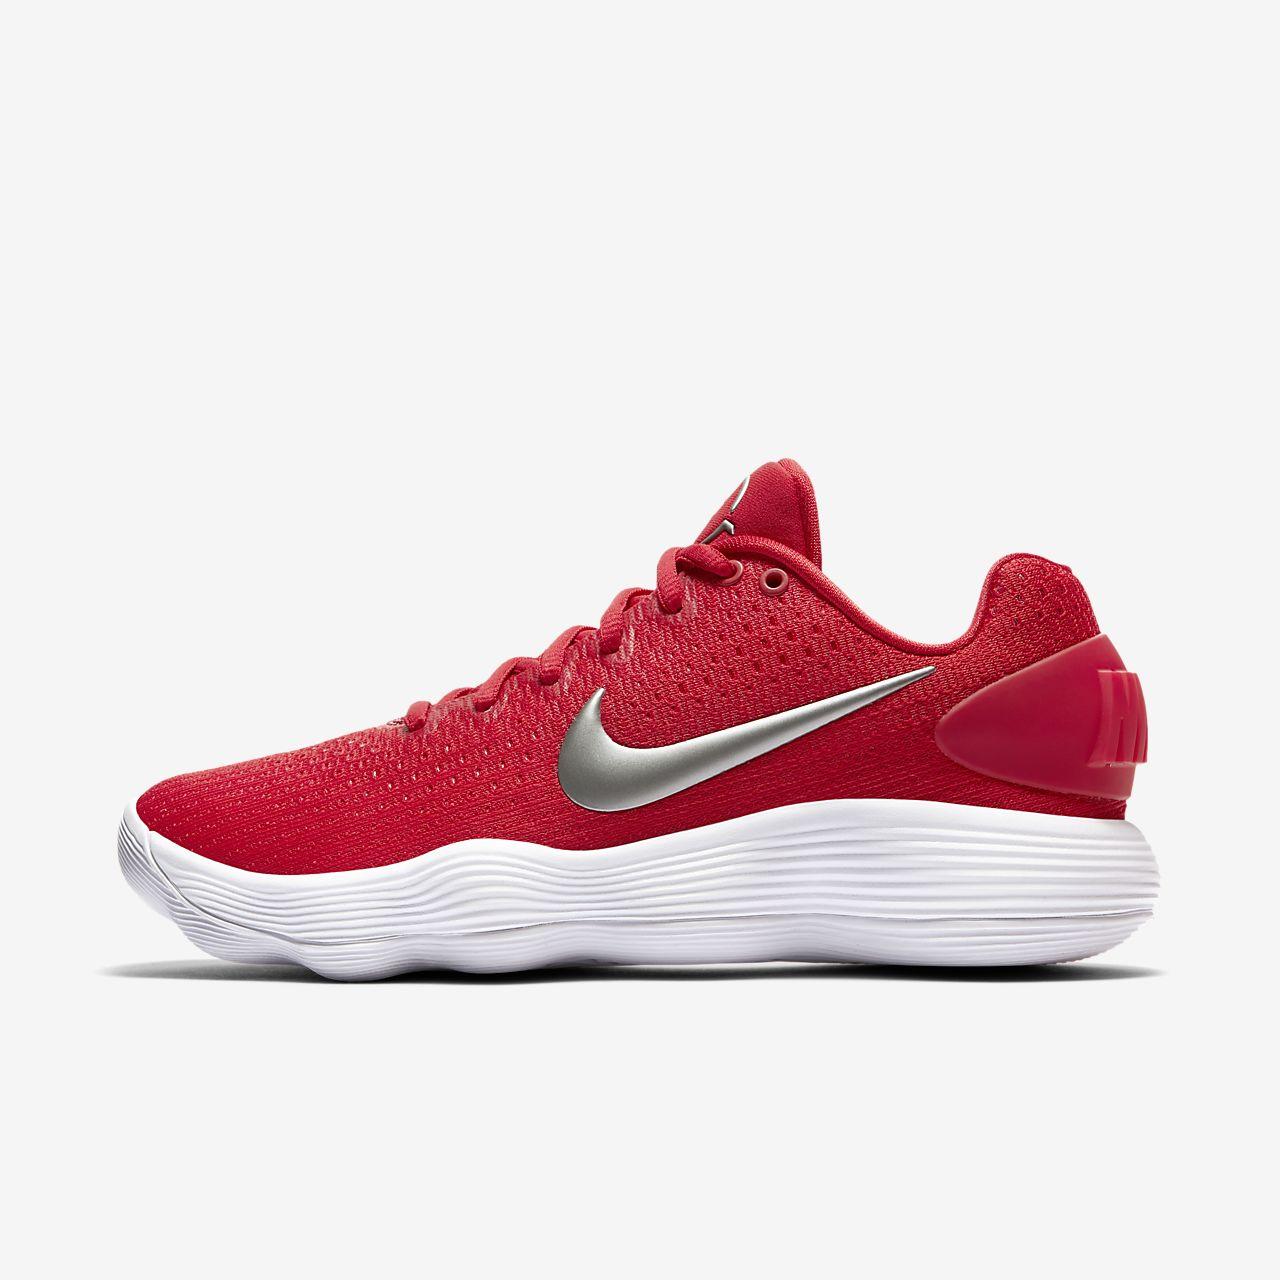 nike scarpe uomo 2017 basket